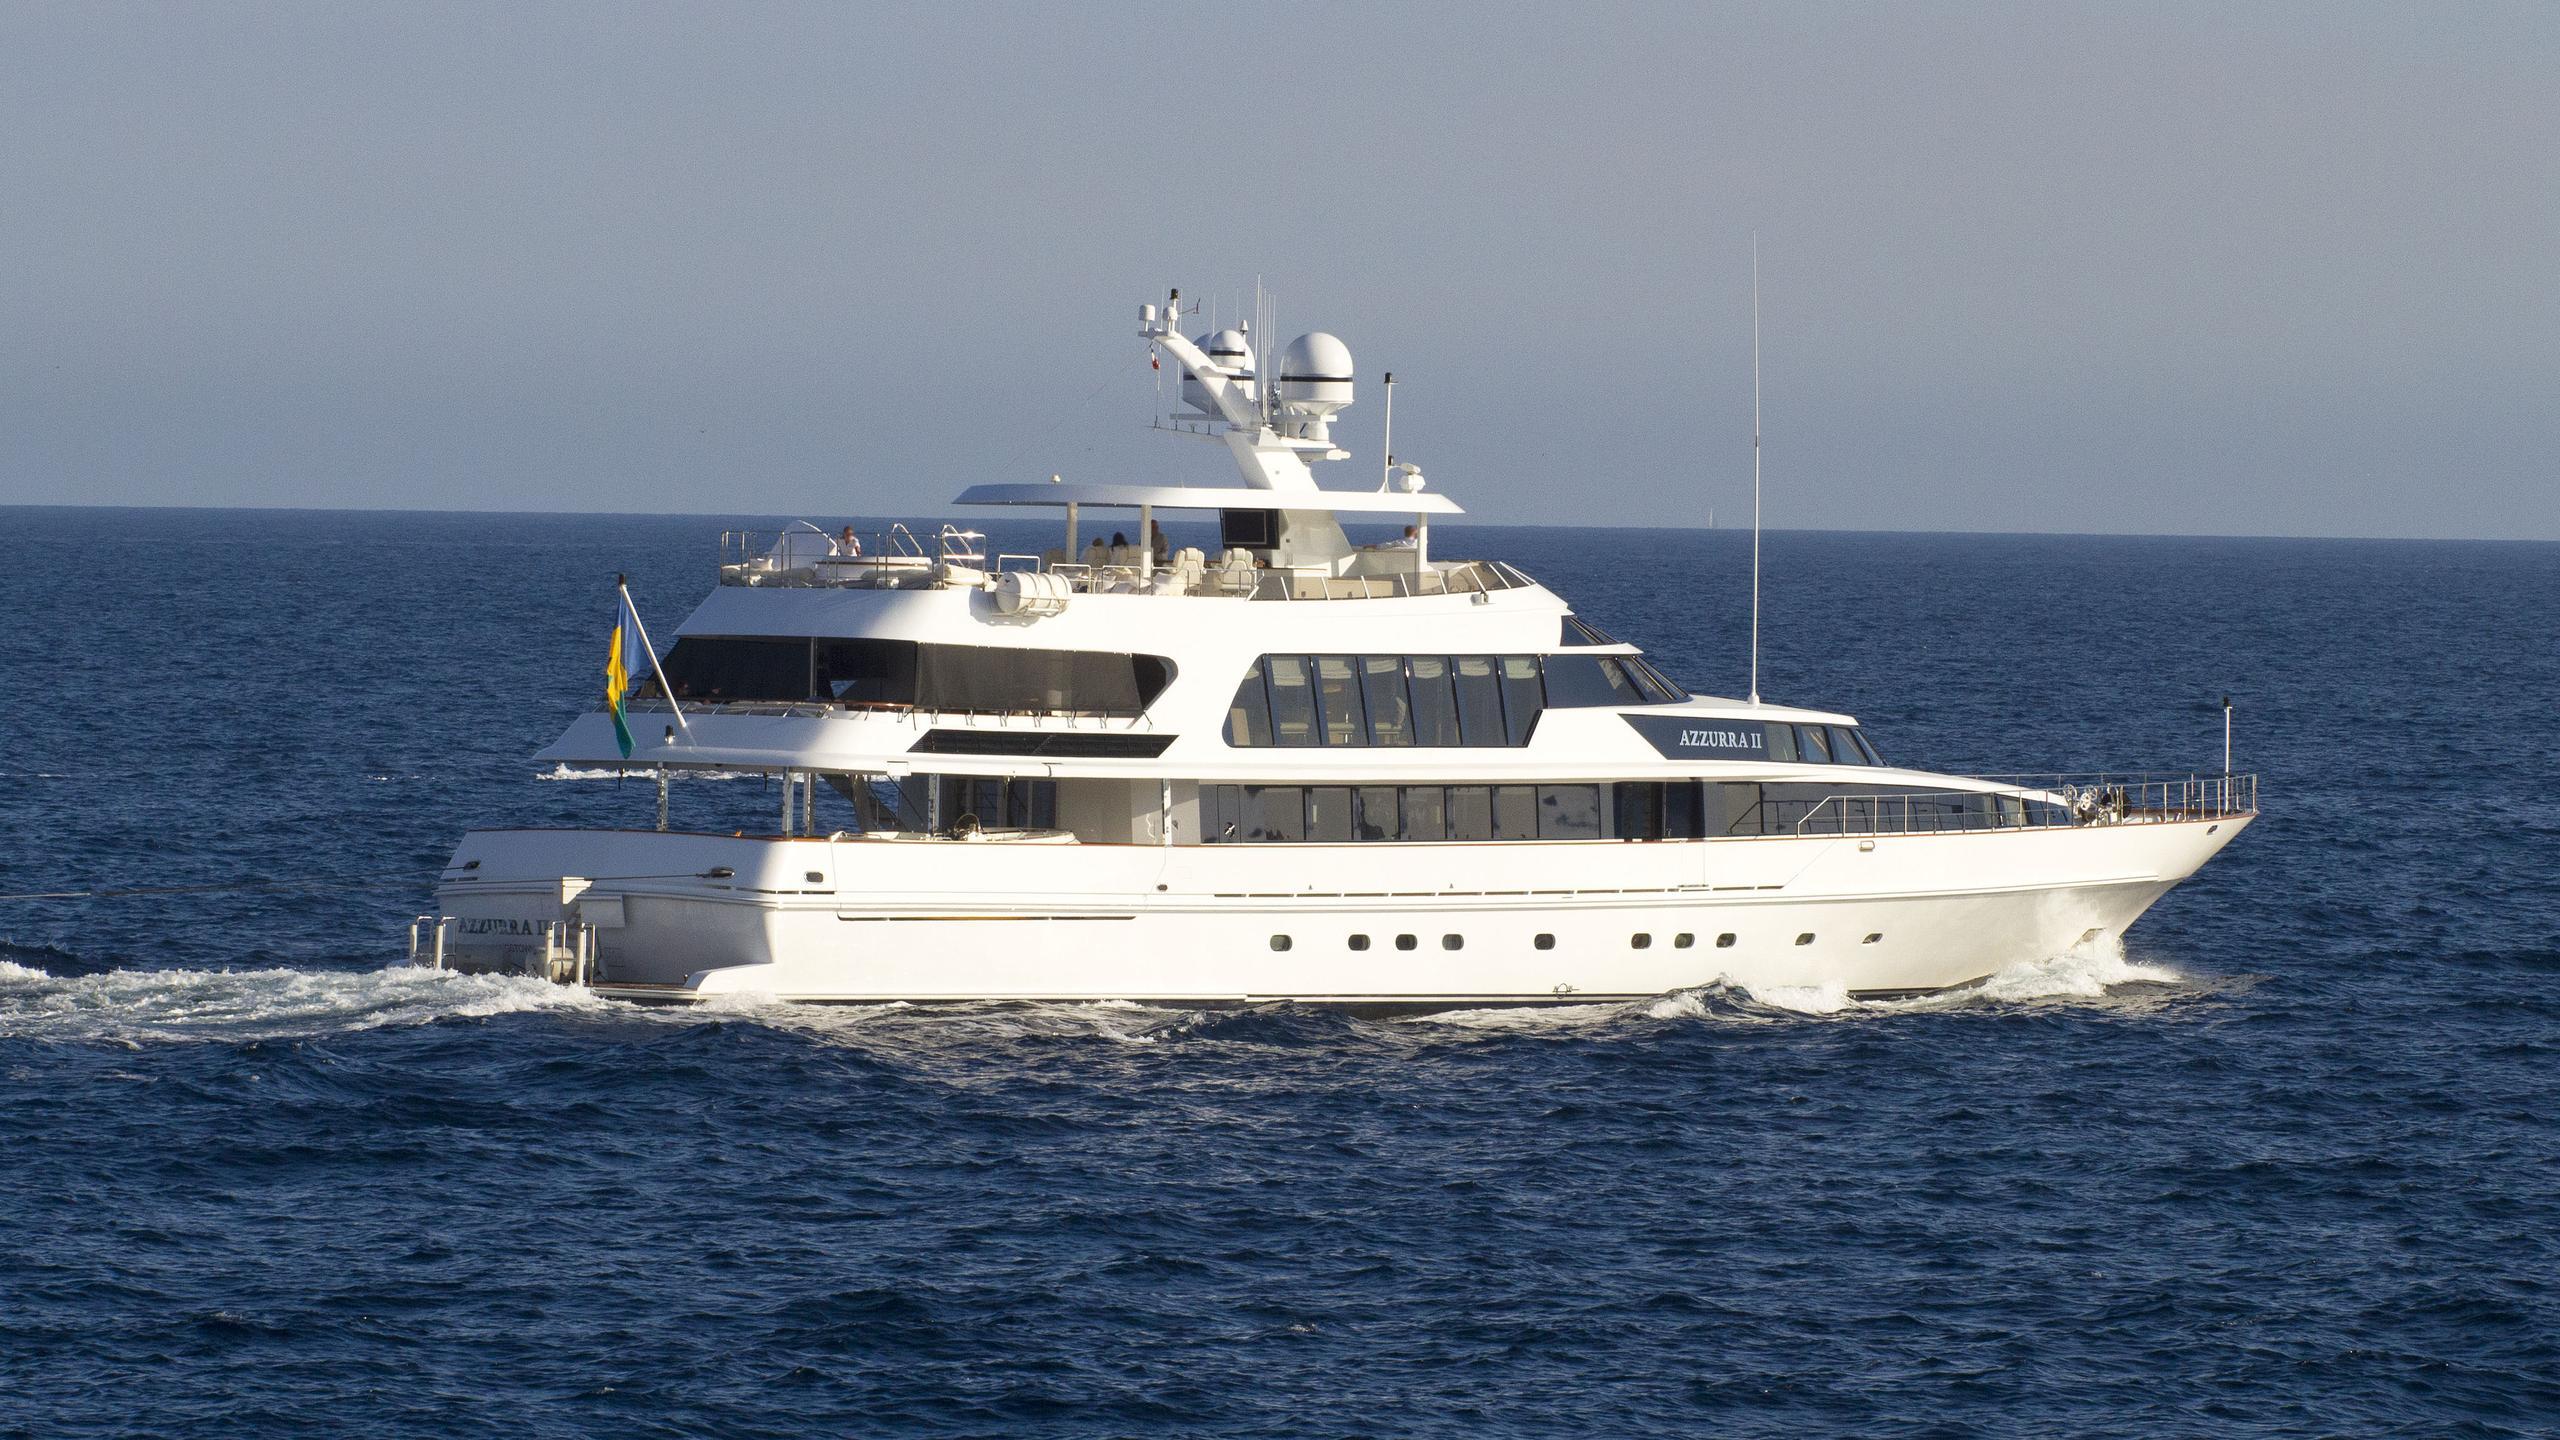 azzurra-ii-motor-yacht-crn-1988-48m-running-half-stern